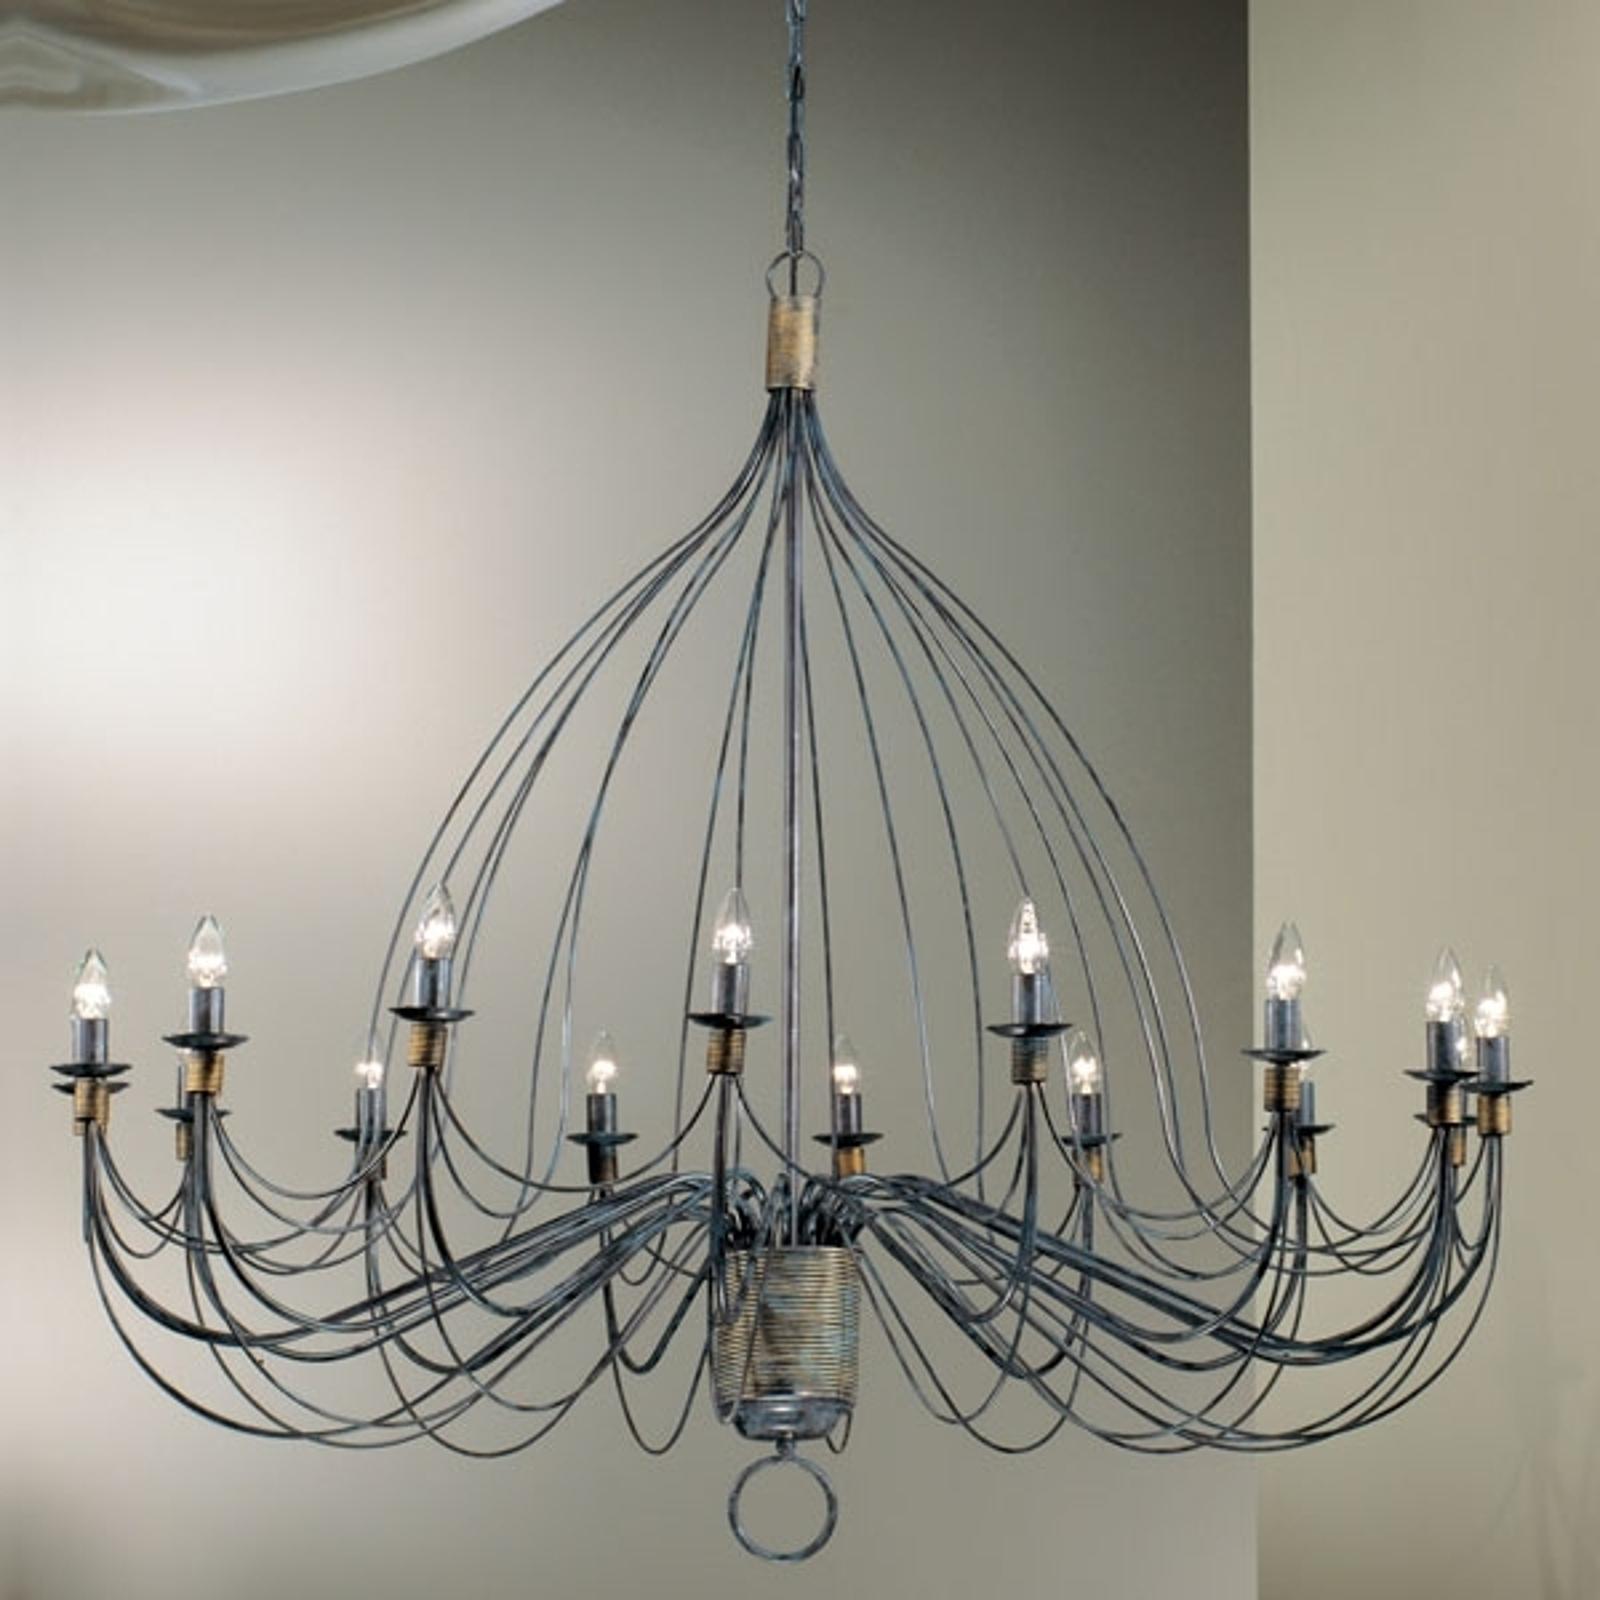 16 flammiger Design Leuchter in Schwarz oder Weiß